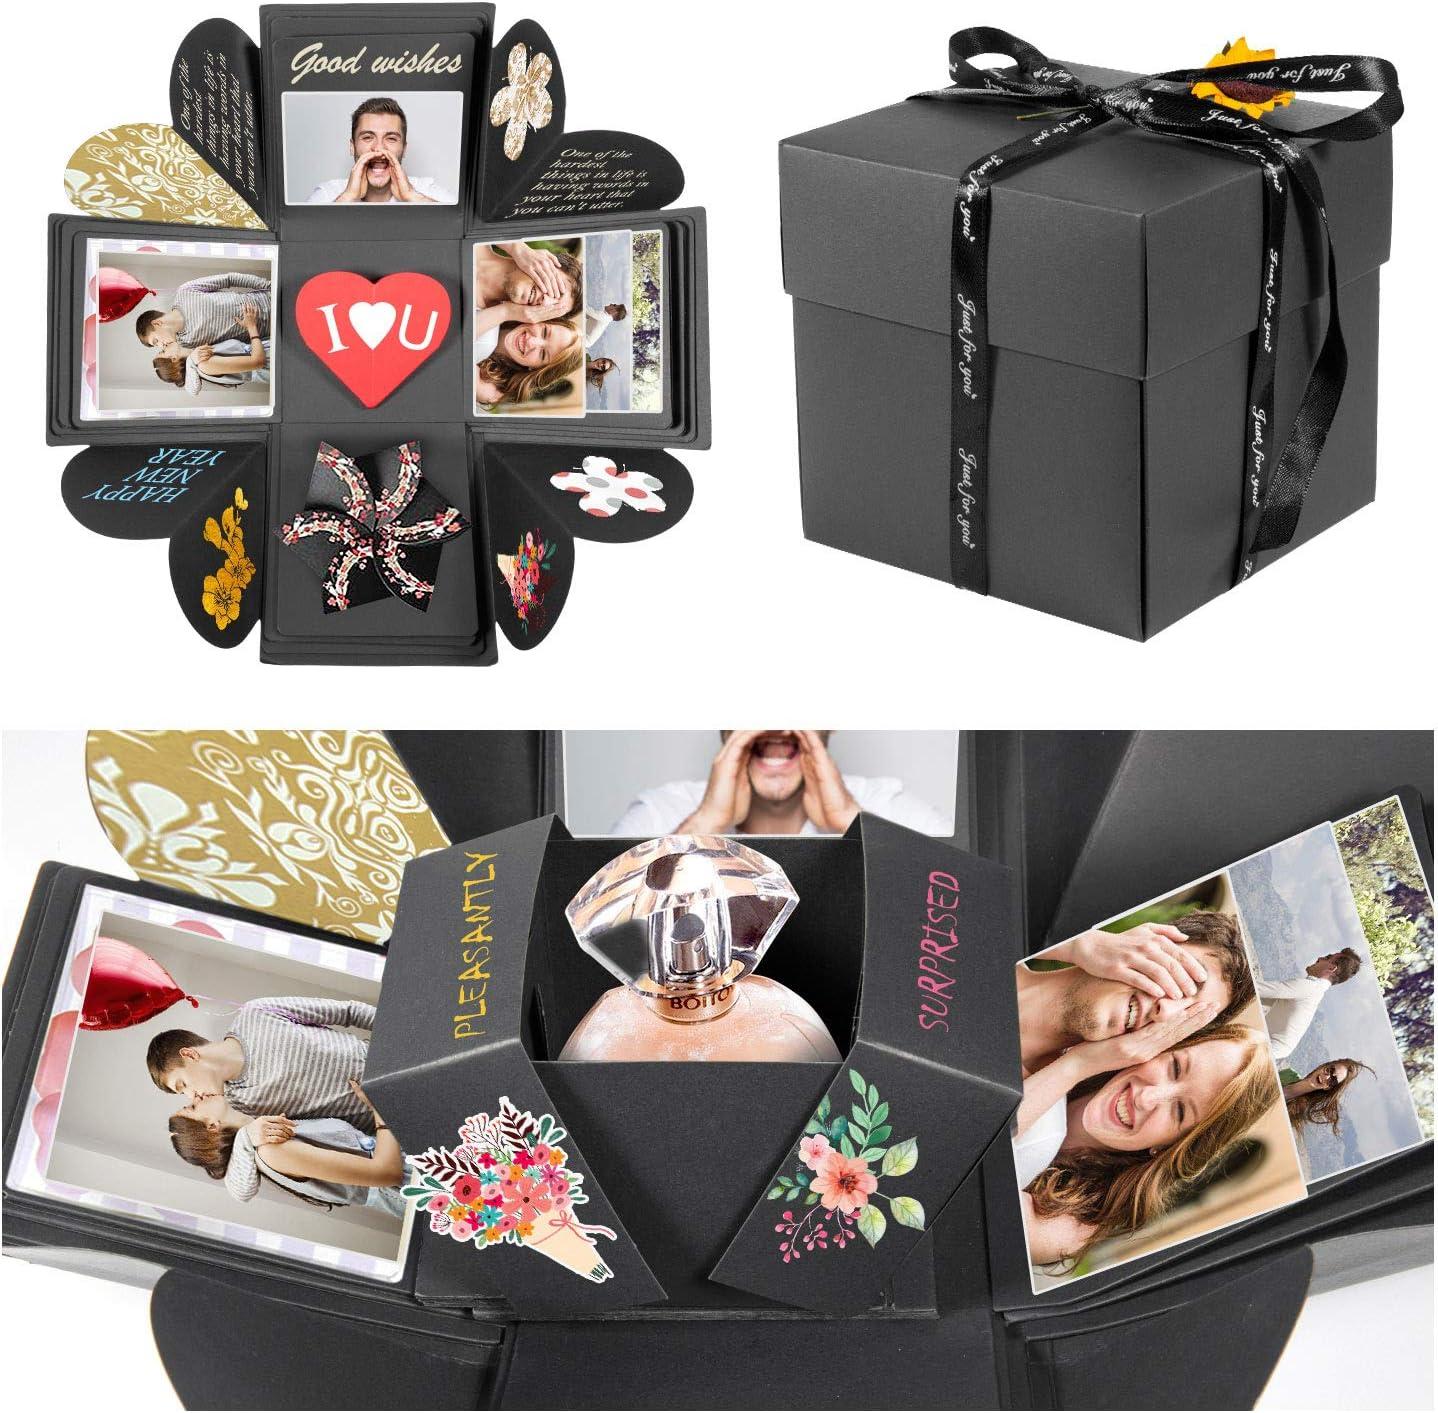 GuKKK Explosion Box, Creative DIY Scrapbook Hecho a Mano Sorpresa Álbum de Fotos cumpleaños, Día de San Valentín Aniversario Navidad Caja de Regalo